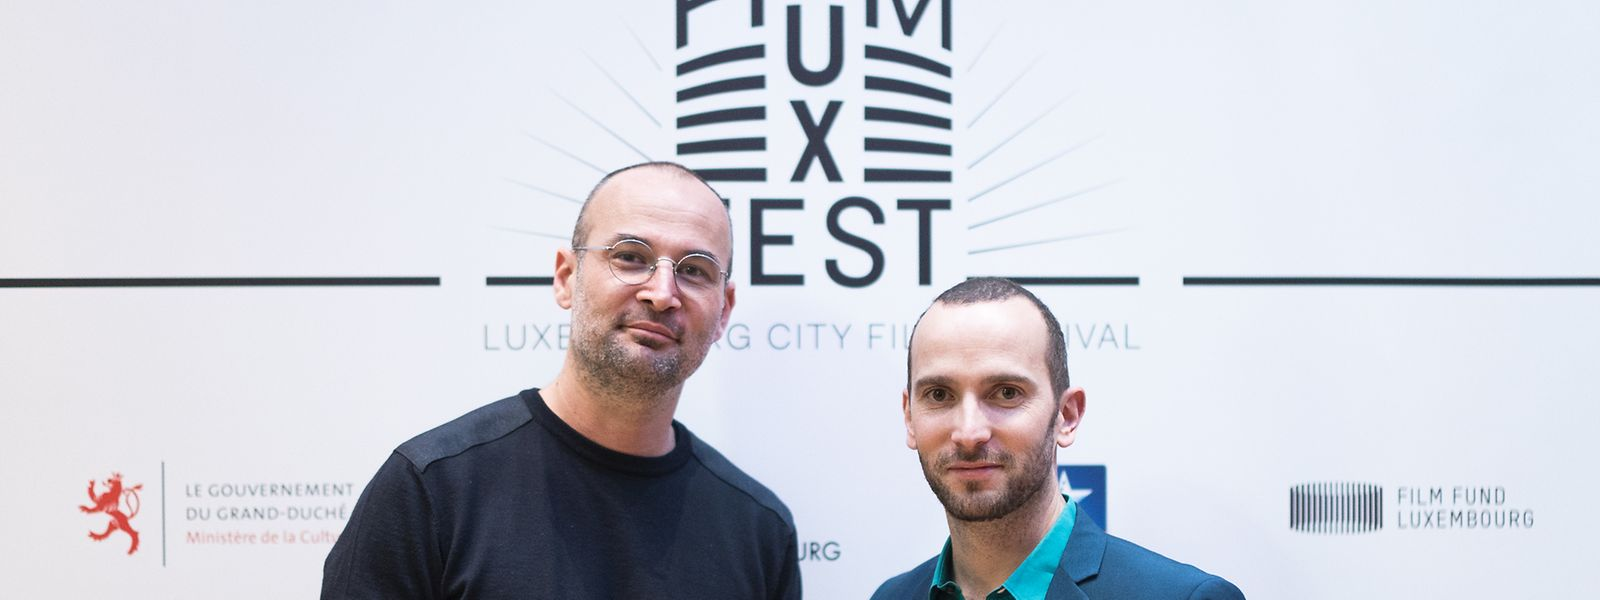 Nach Präsentationen wie hier beim LuxFilmFest geht es für den Regisseur Alexander Nanau (ob. l.) und den Produzenten Bernard Michaux (r.) nun zu den Oscars.